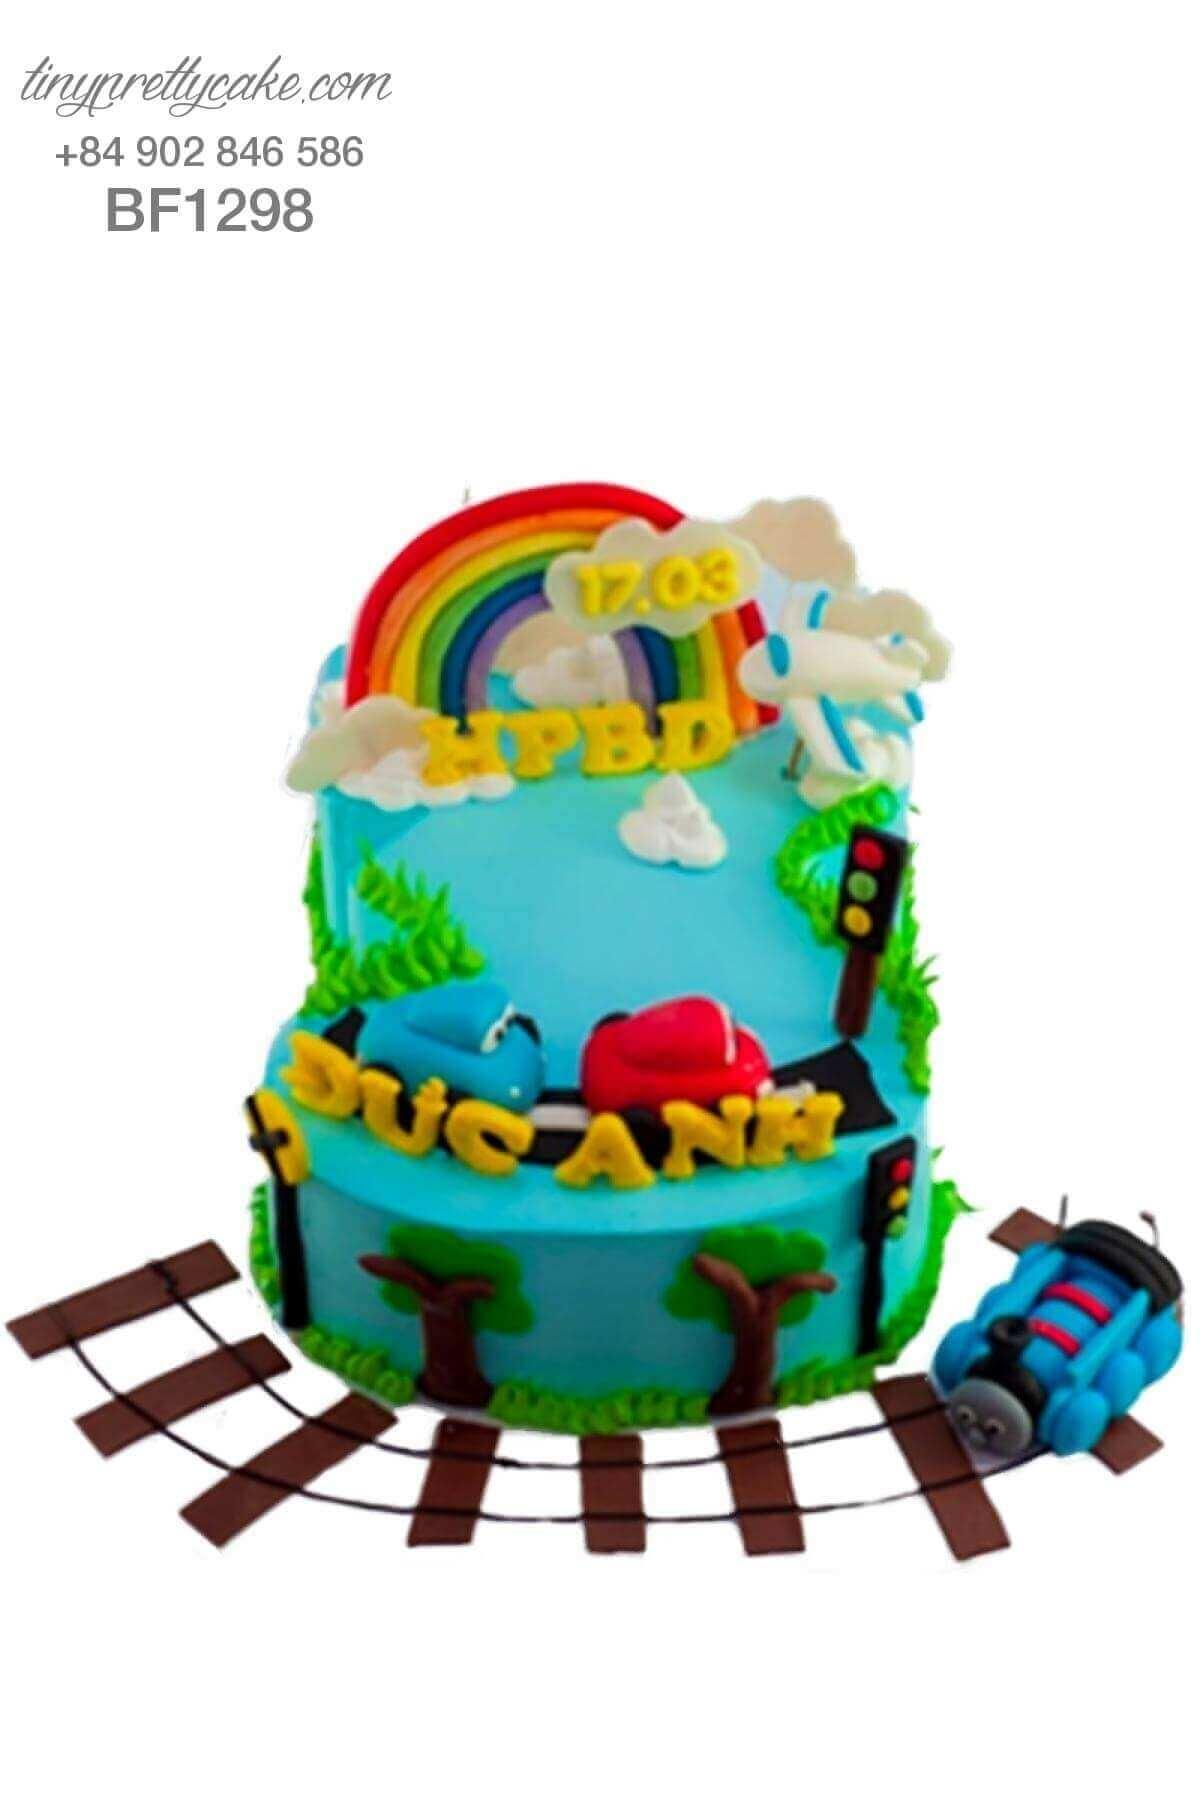 bánh sinh nhật tàu hoả thomas